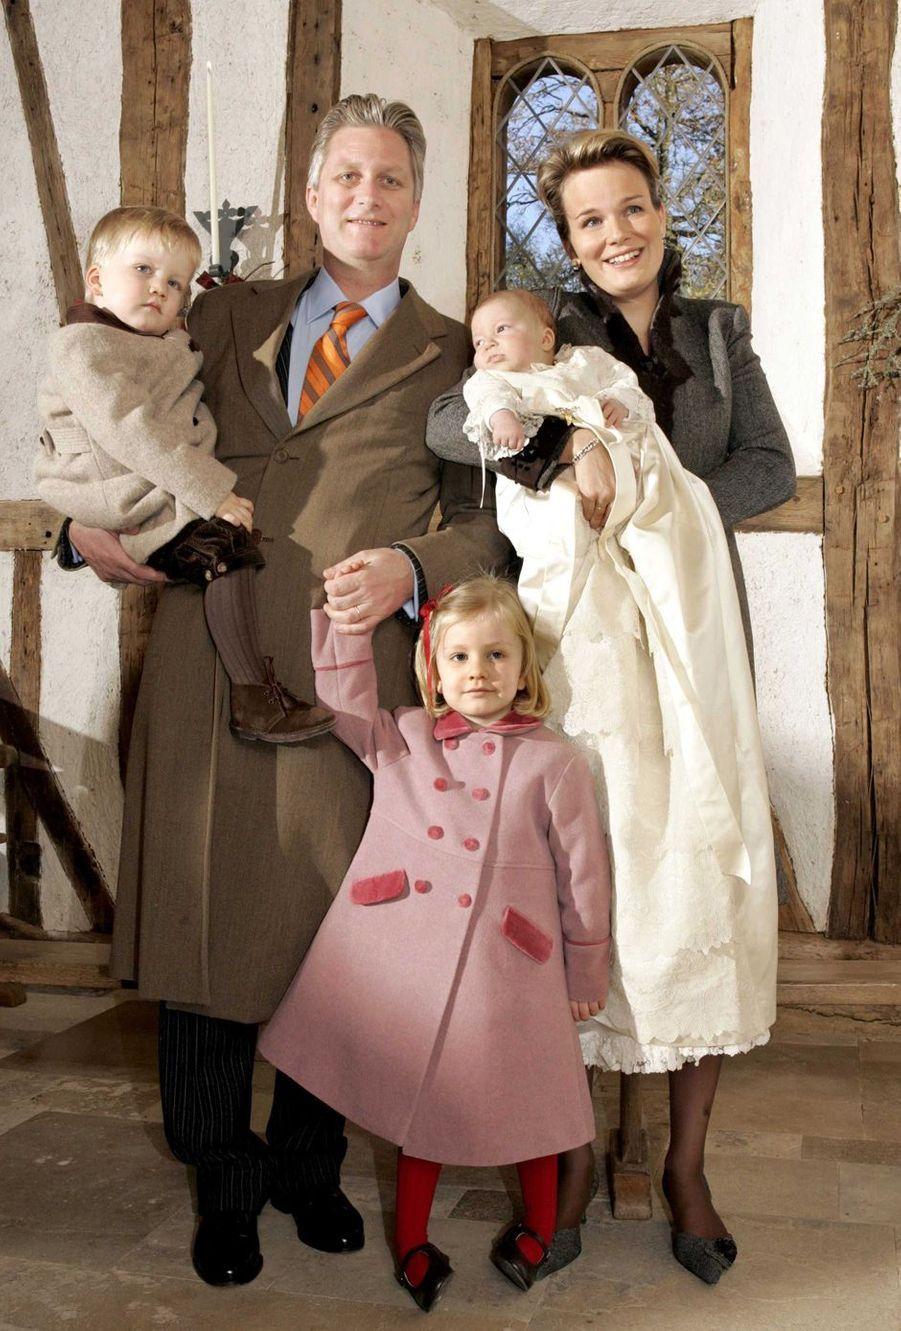 Le prince Emmanuel de Belgique, le 10 décembre 2005, jour de son baptême, avec ses parents le prince Philippe et la princesse Mathilde, sa soeur la princesse Elisabeth et son frère le prince Gabriel